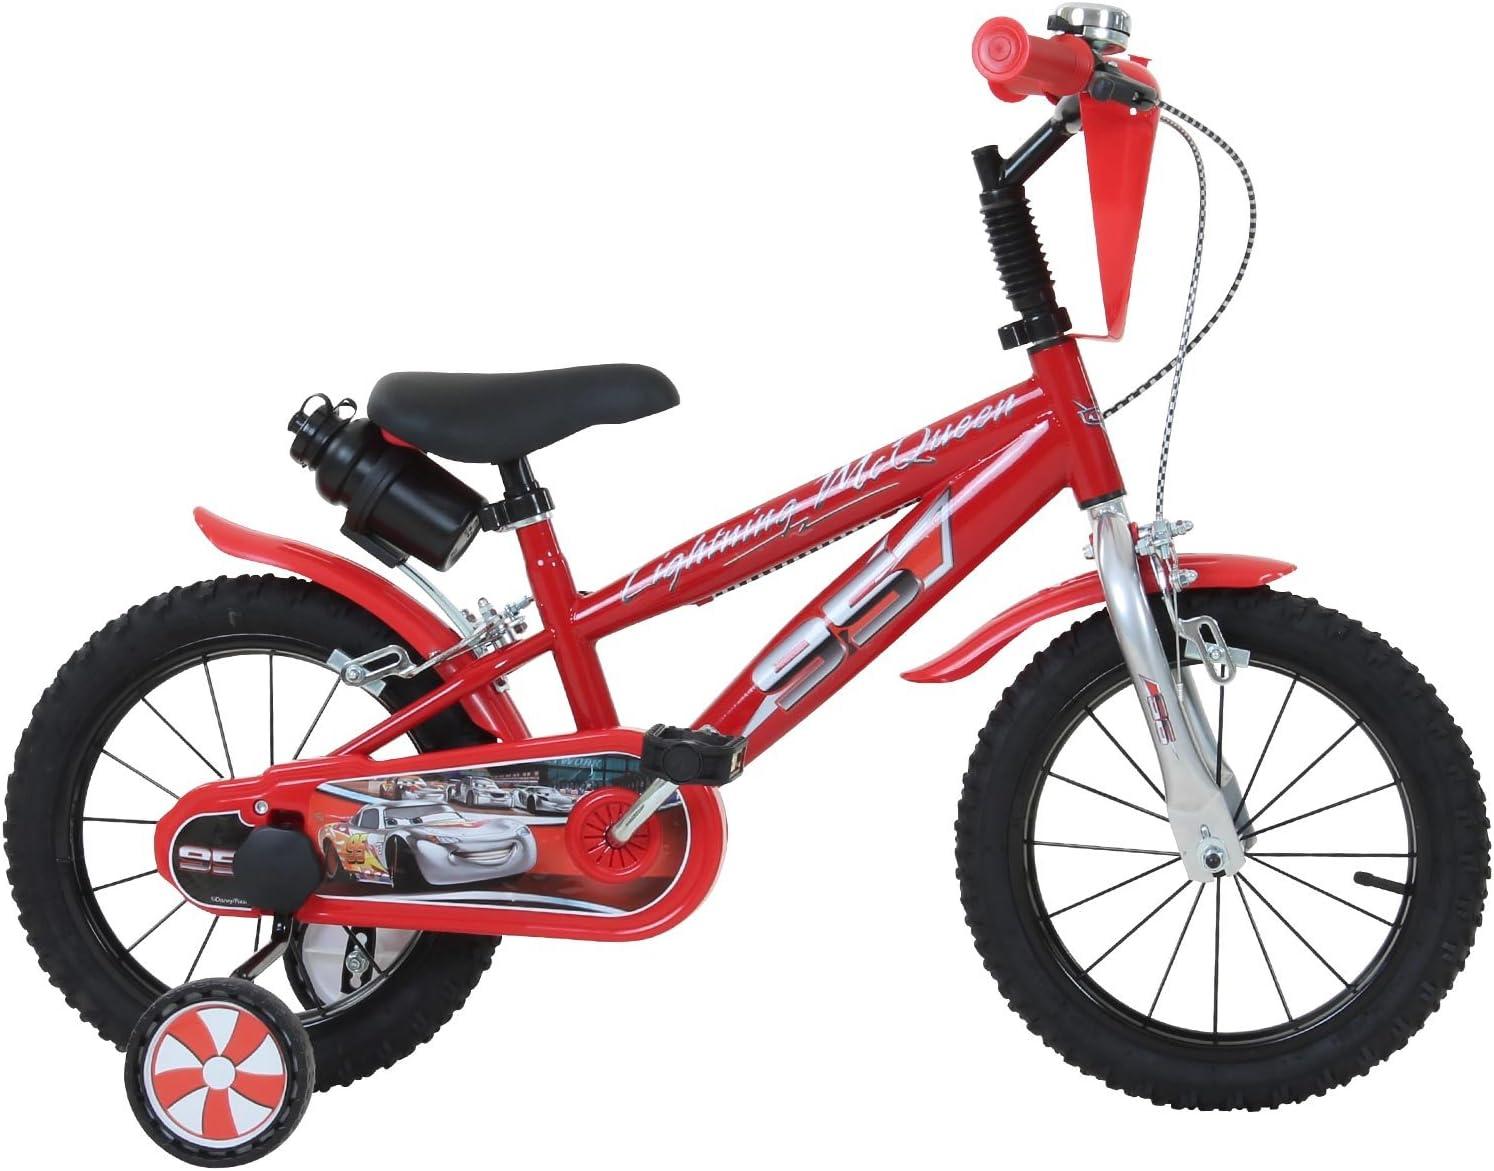 14 pulgadas Disney Cars – Bicicleta infantil: Amazon.es: Deportes y aire libre